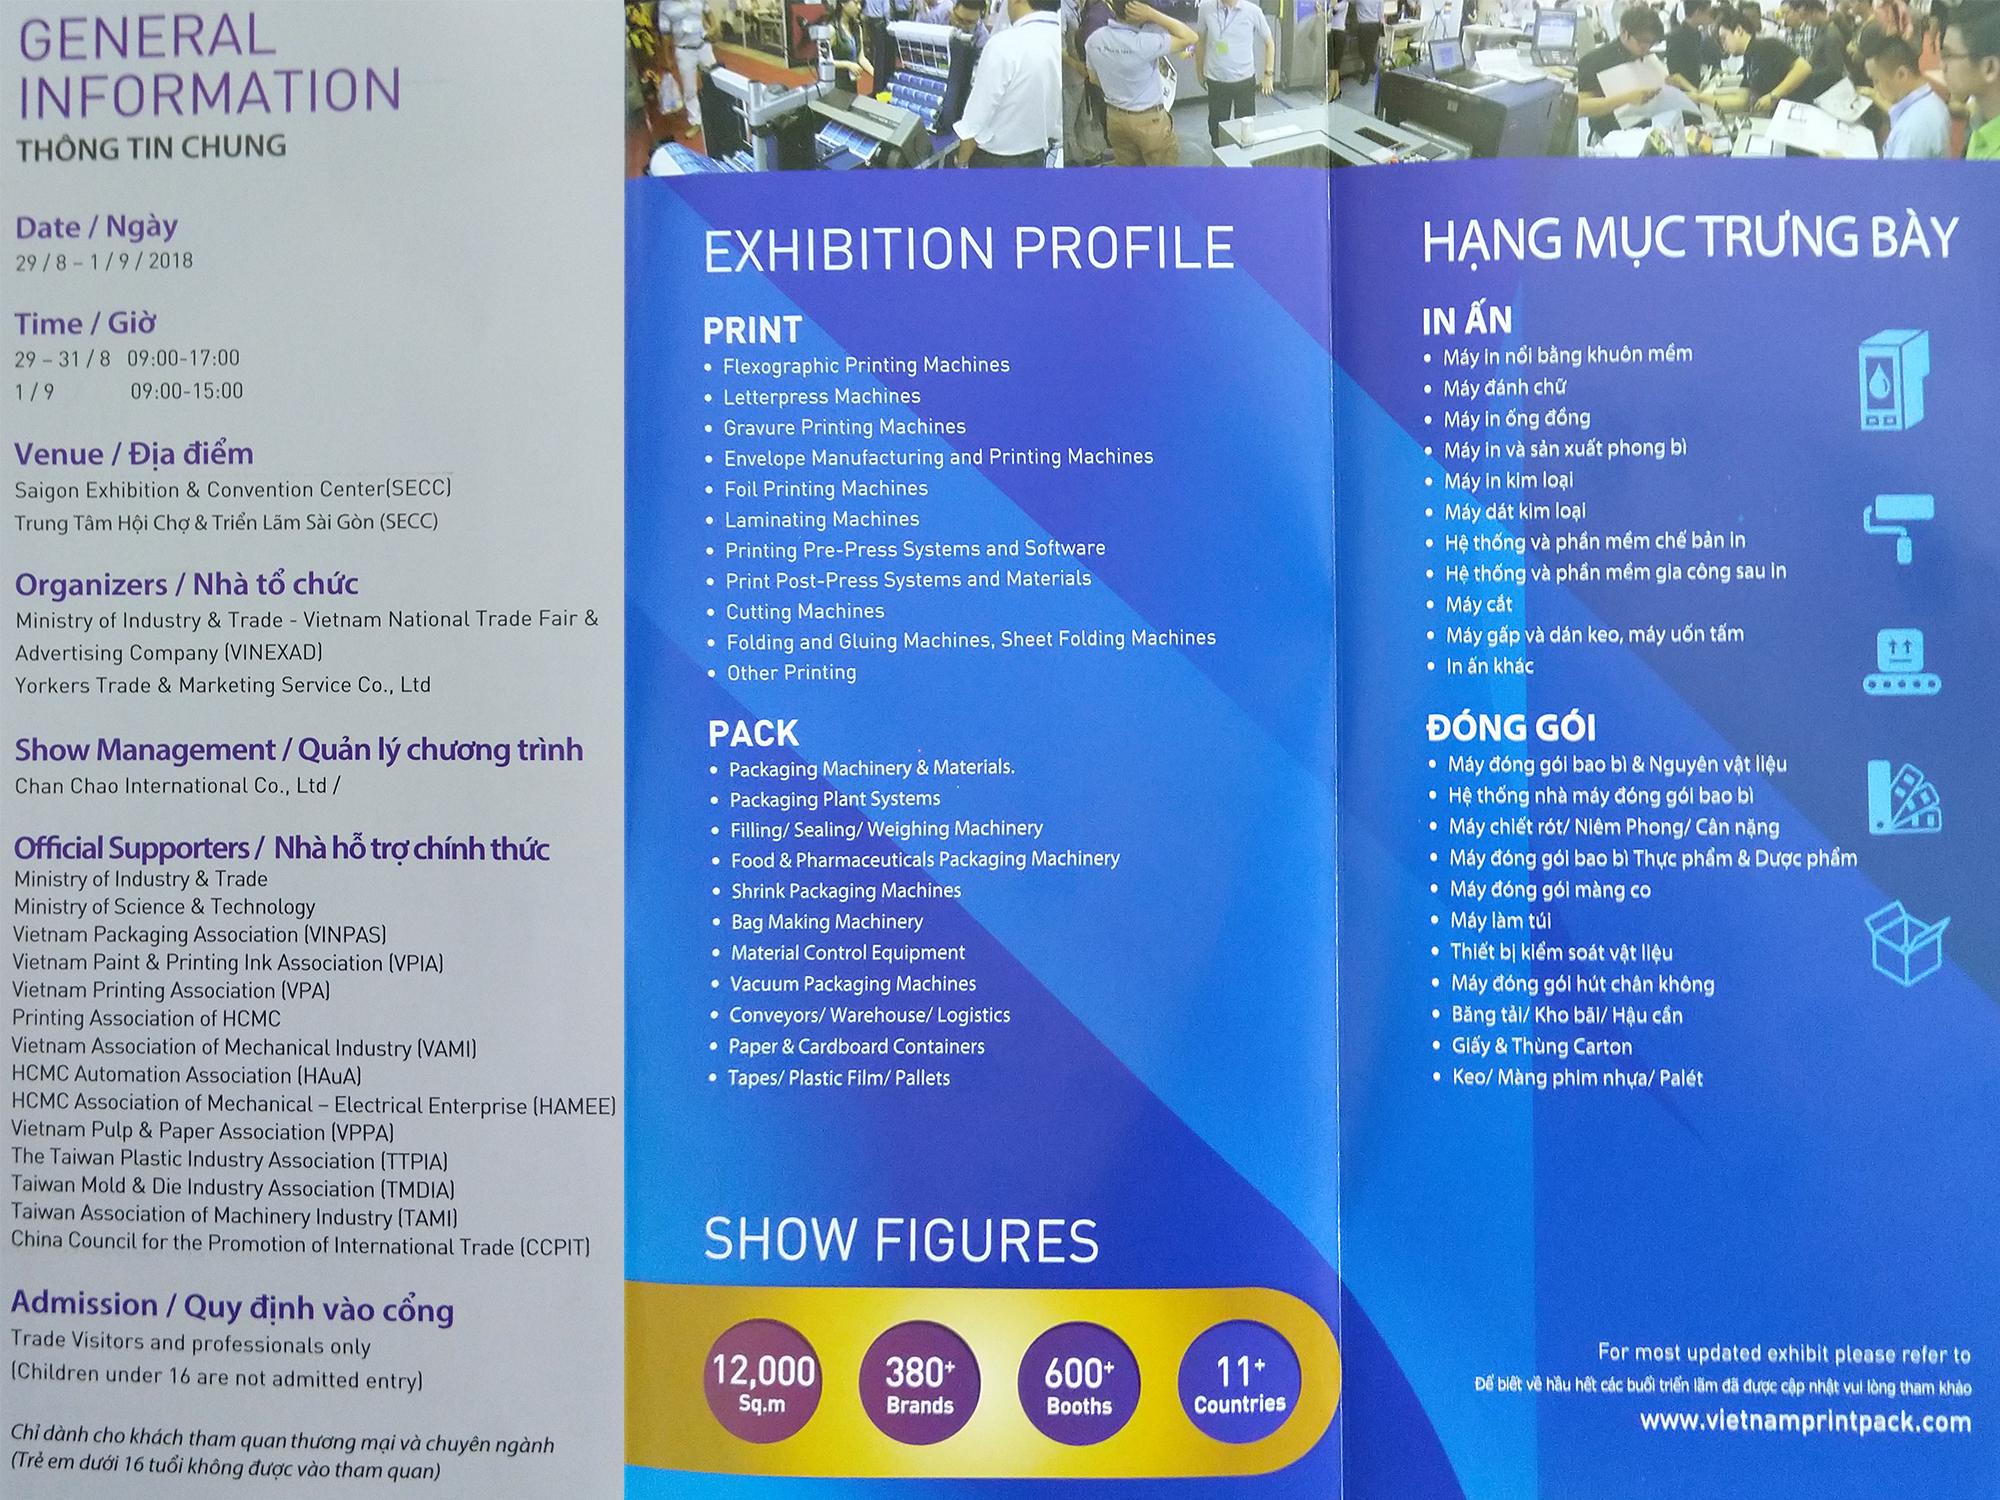 Triển lãm quốc tế lần thứ 18 về máy móc thiết bị công nghiệp ngành In Ấn & Đóng Gói Bao Bì